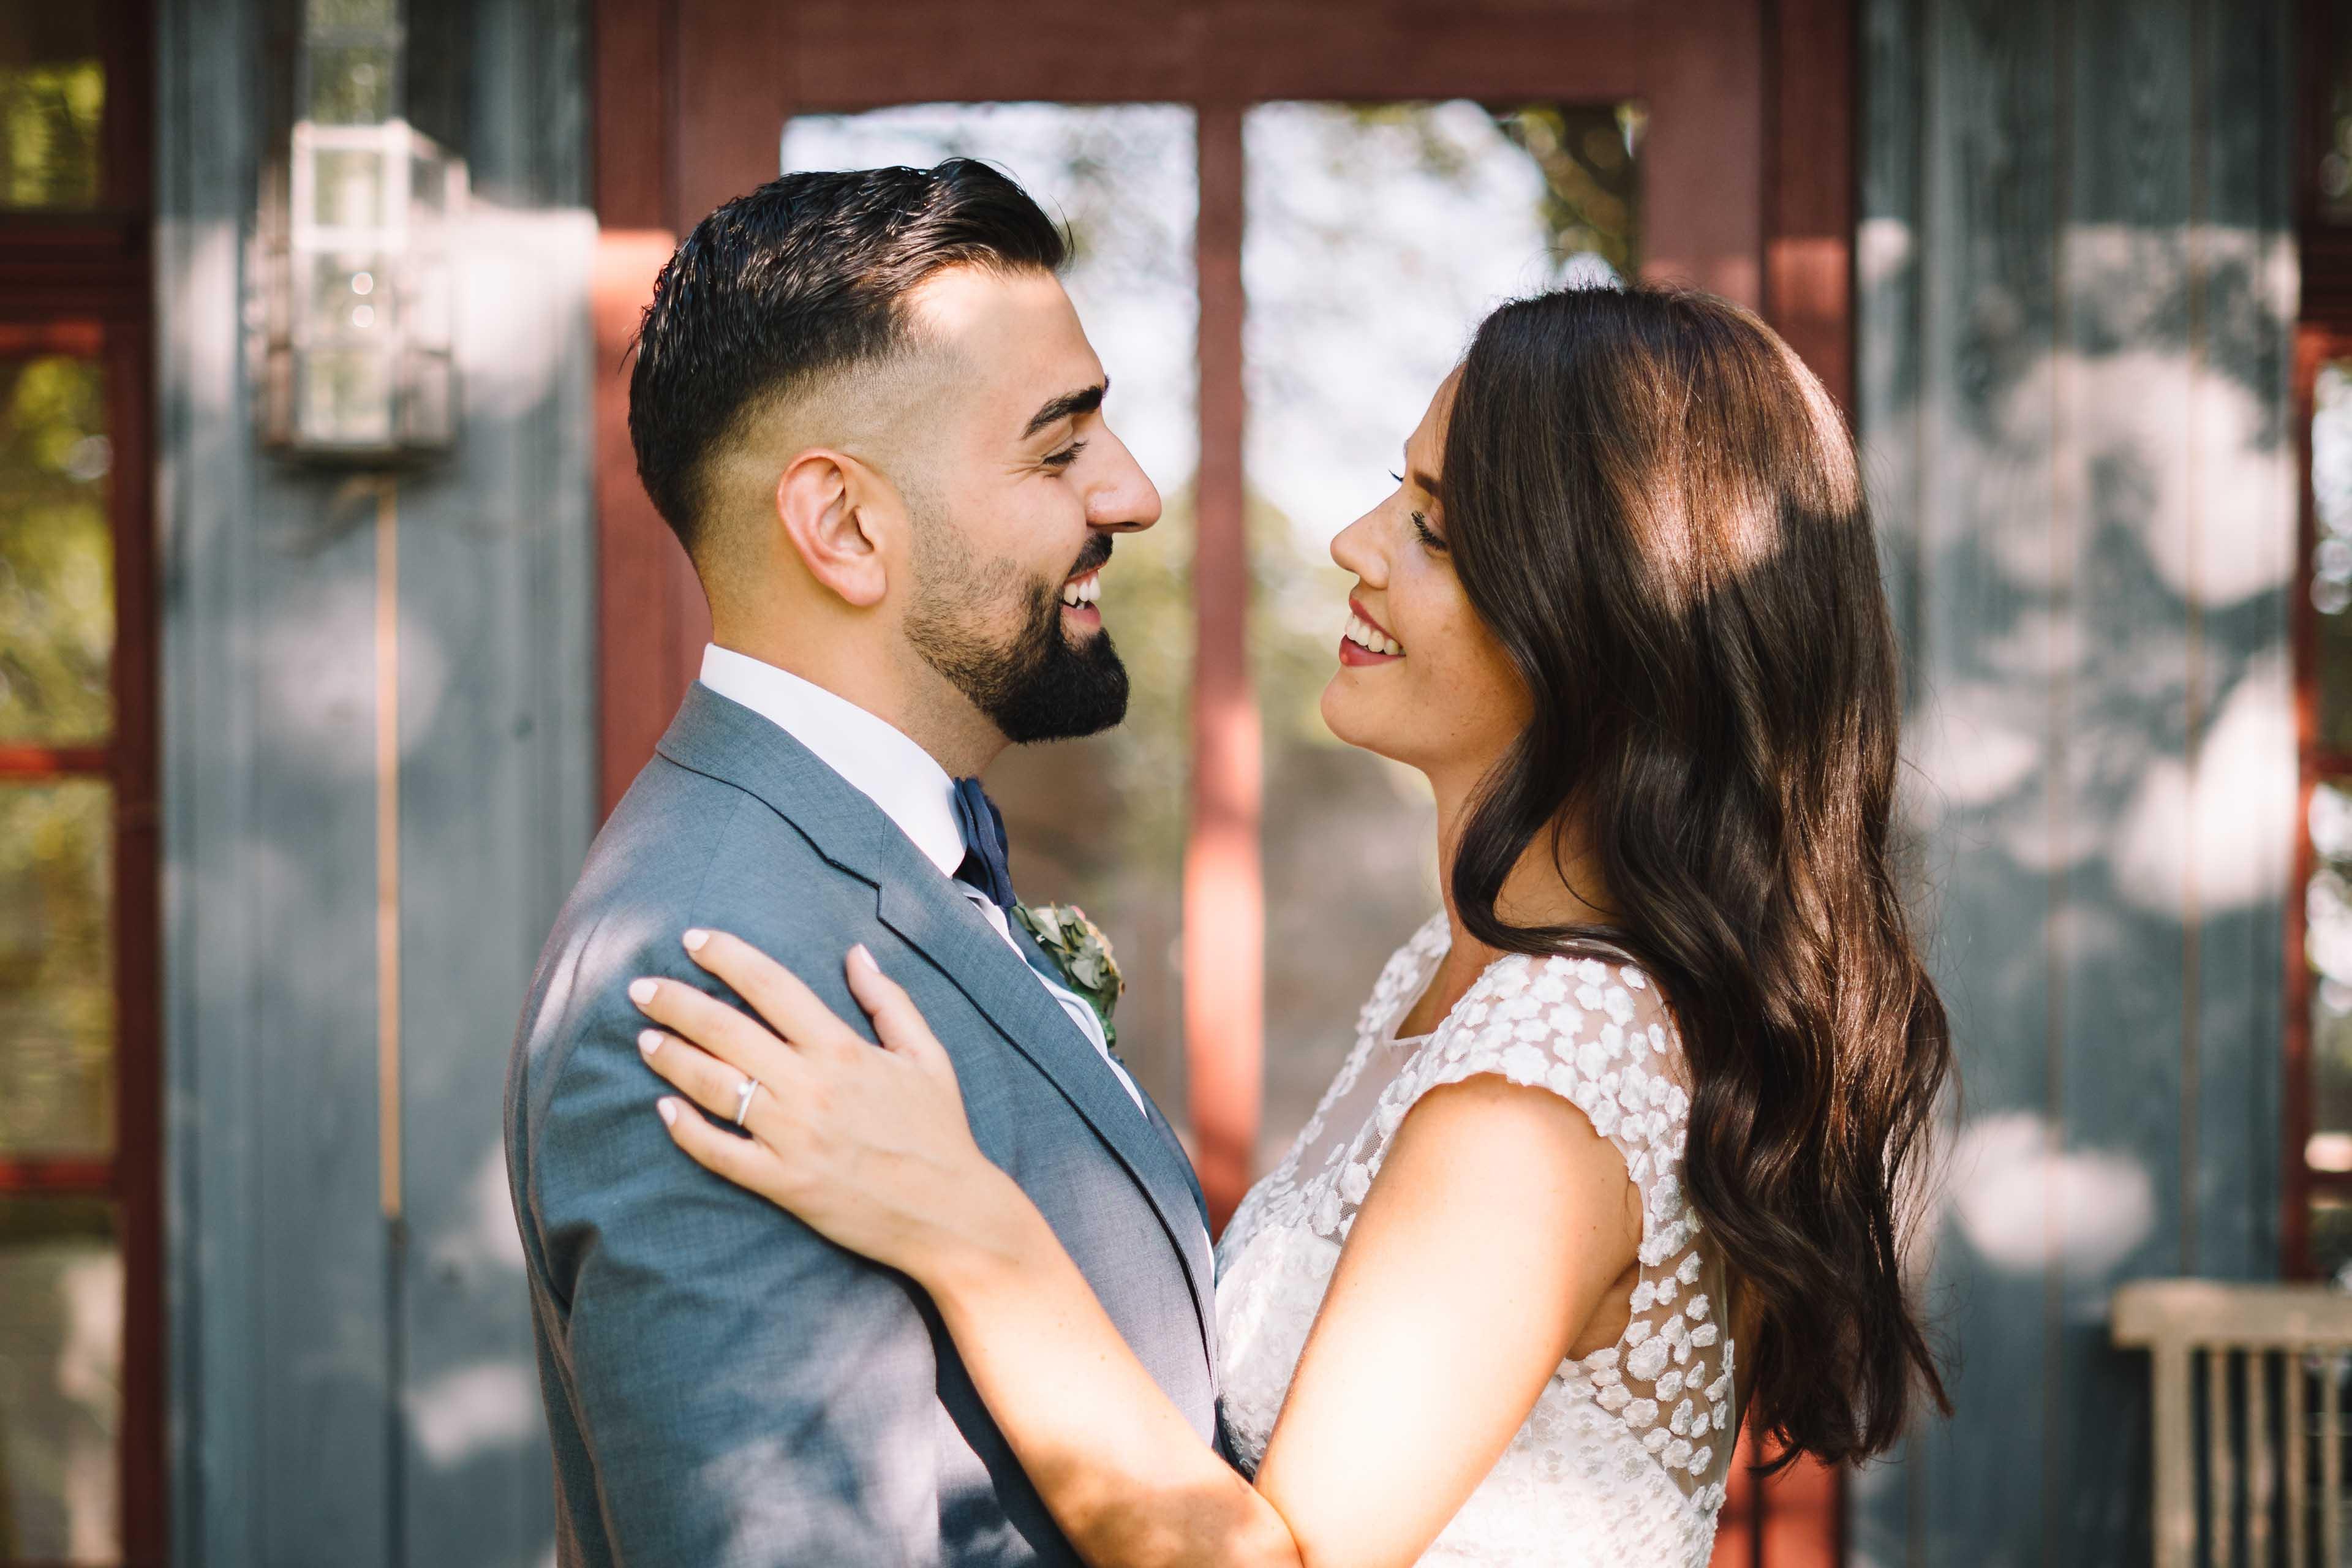 Das Brautpaar posiert vor einer alten Gartenlaube.